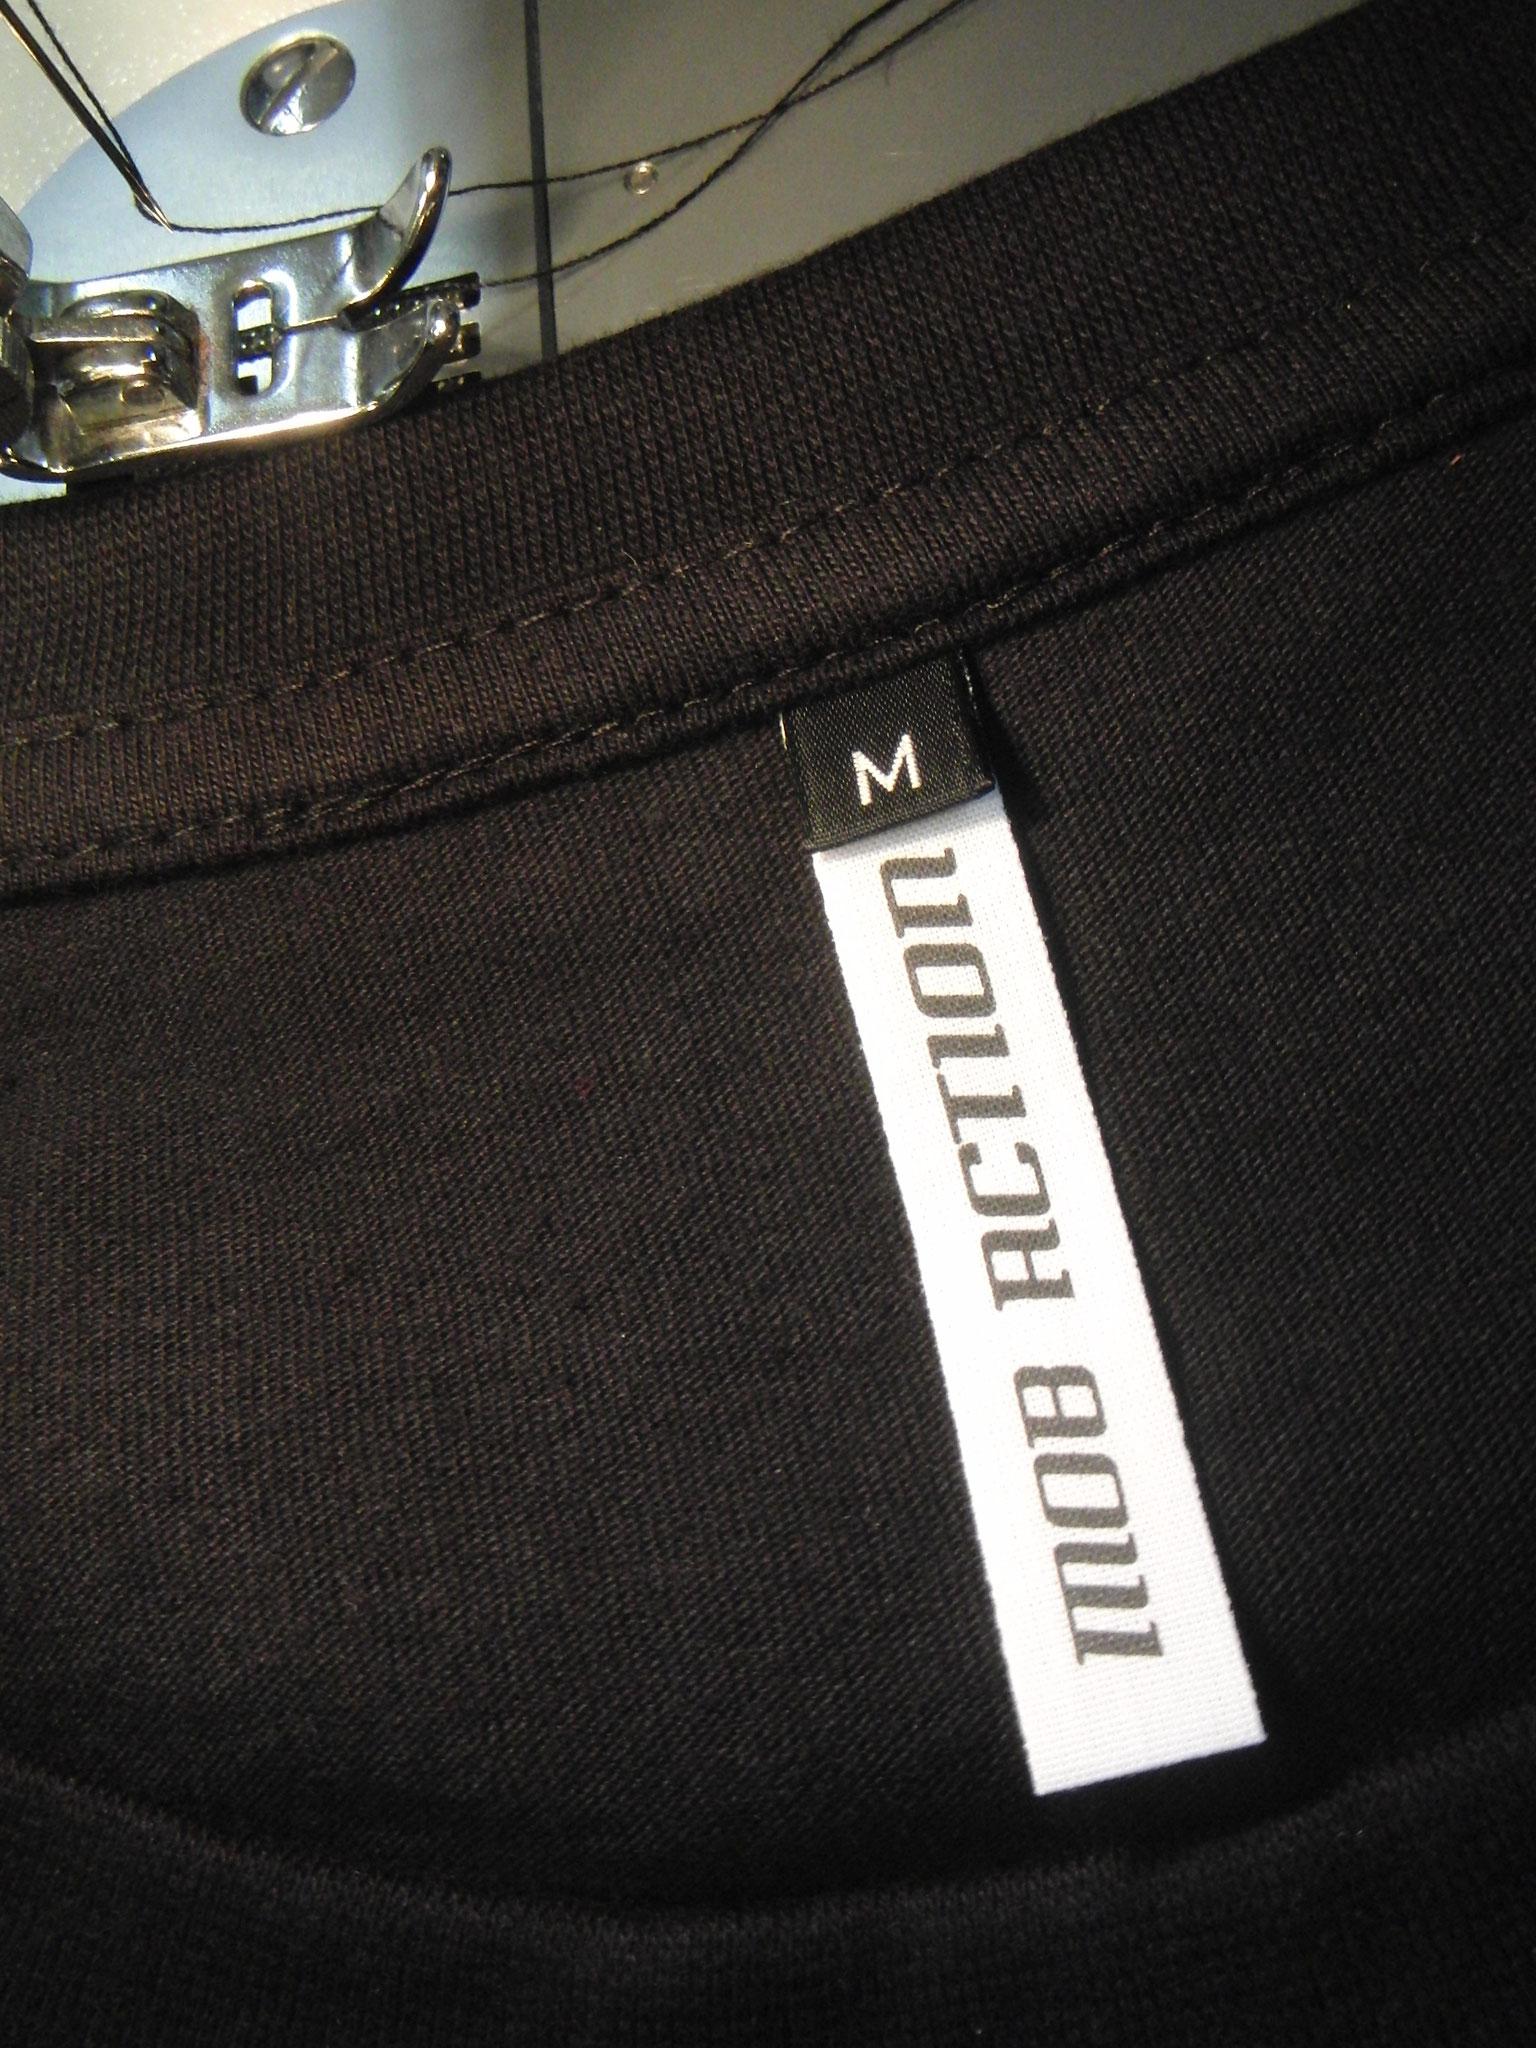 Umlabeln-von-Textilien-Leipzig